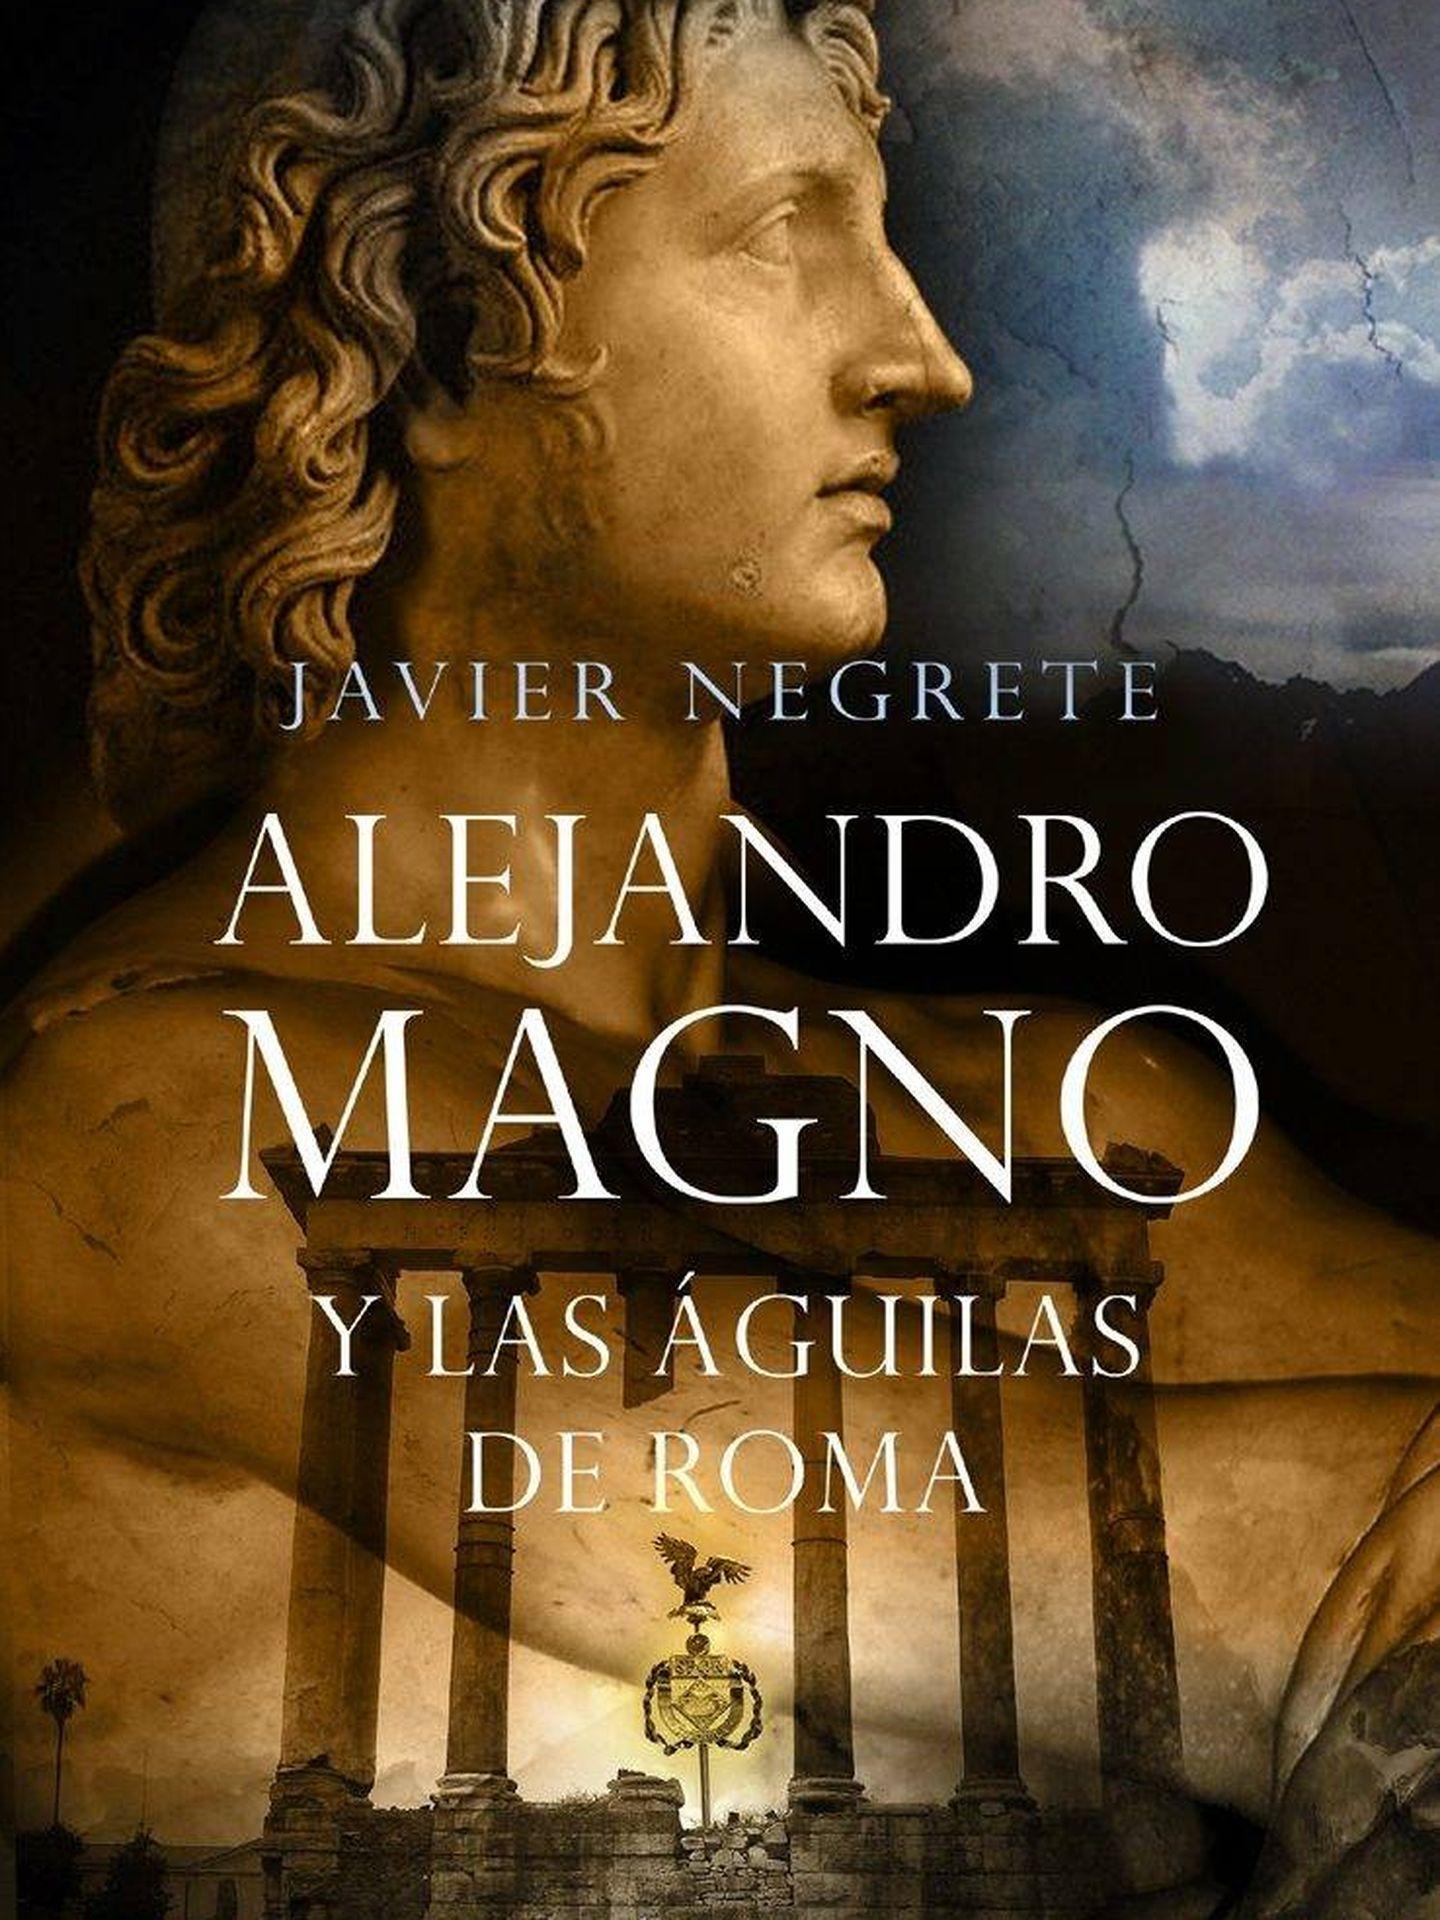 'Alejandro Magno'